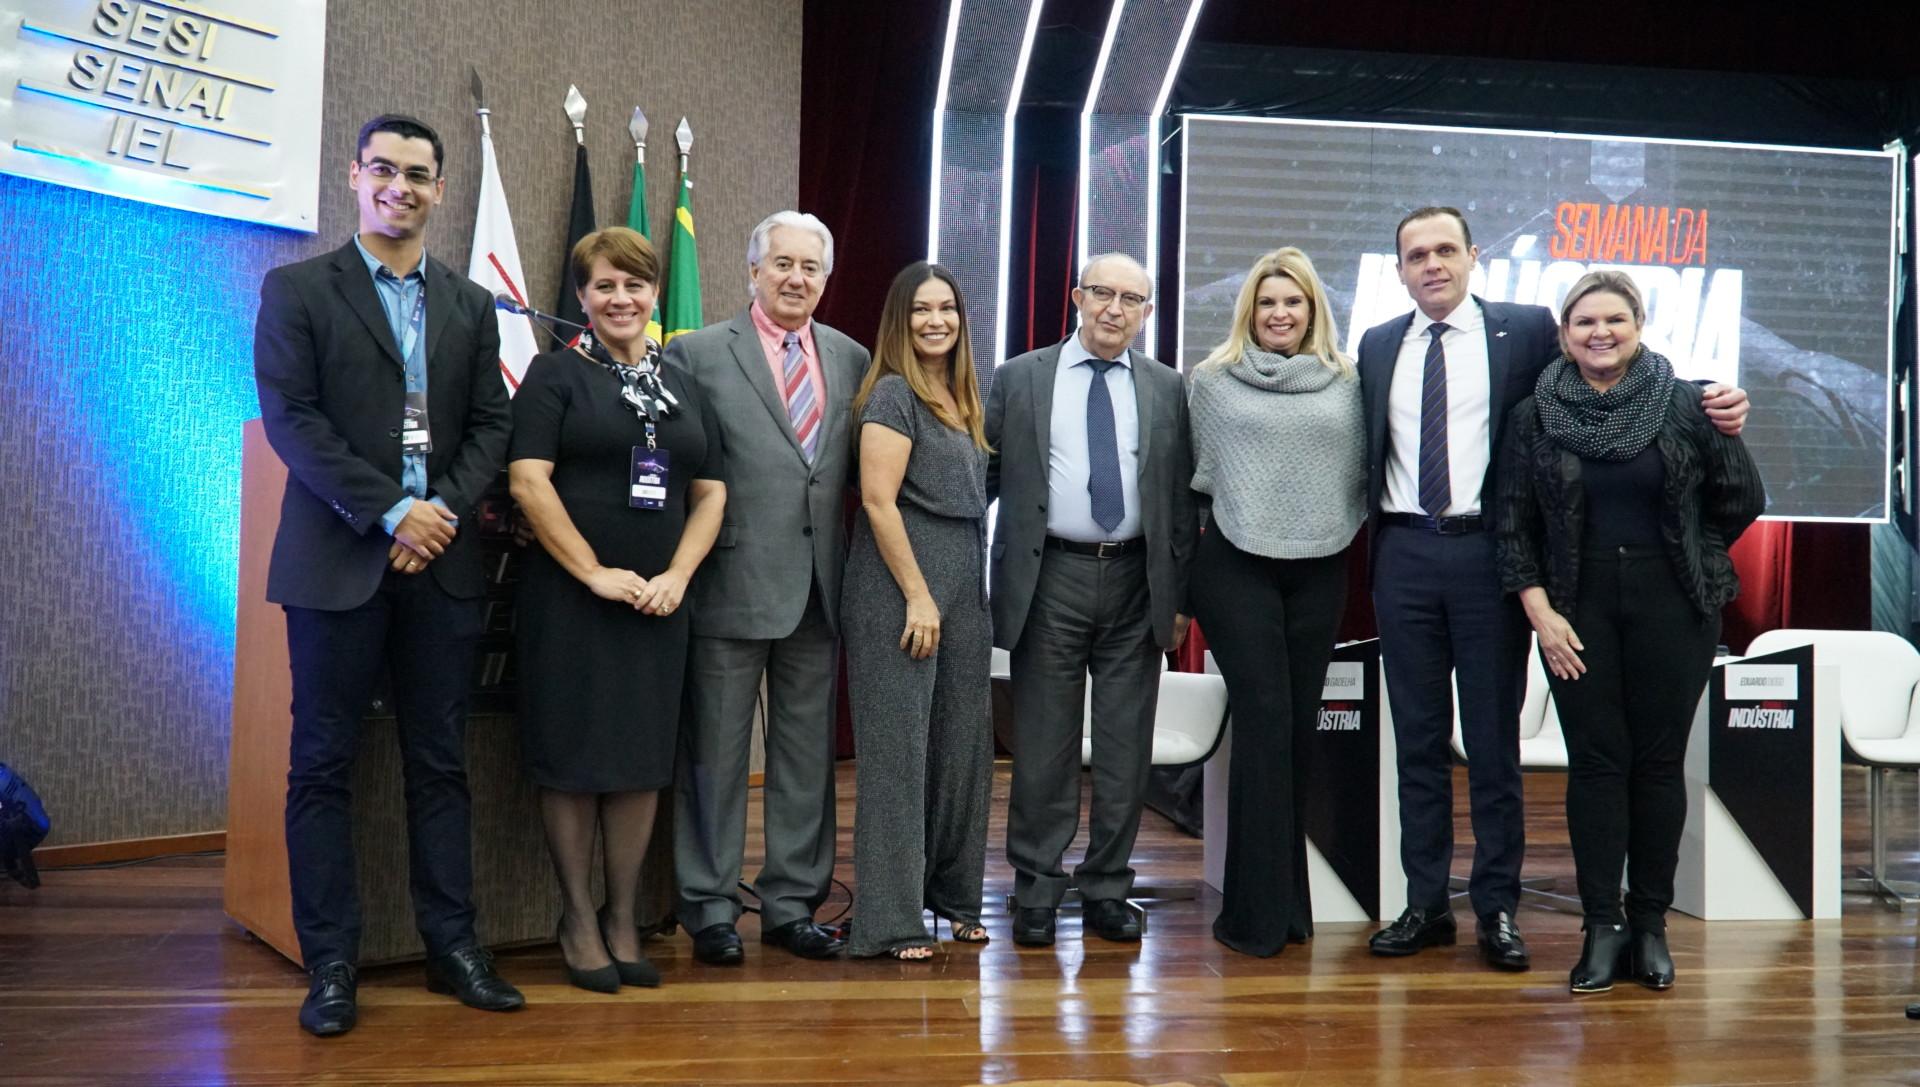 Realização da Semana da Indústria 2019 pela Federação das Indústrias do Estado da Paraíba (FIEP)